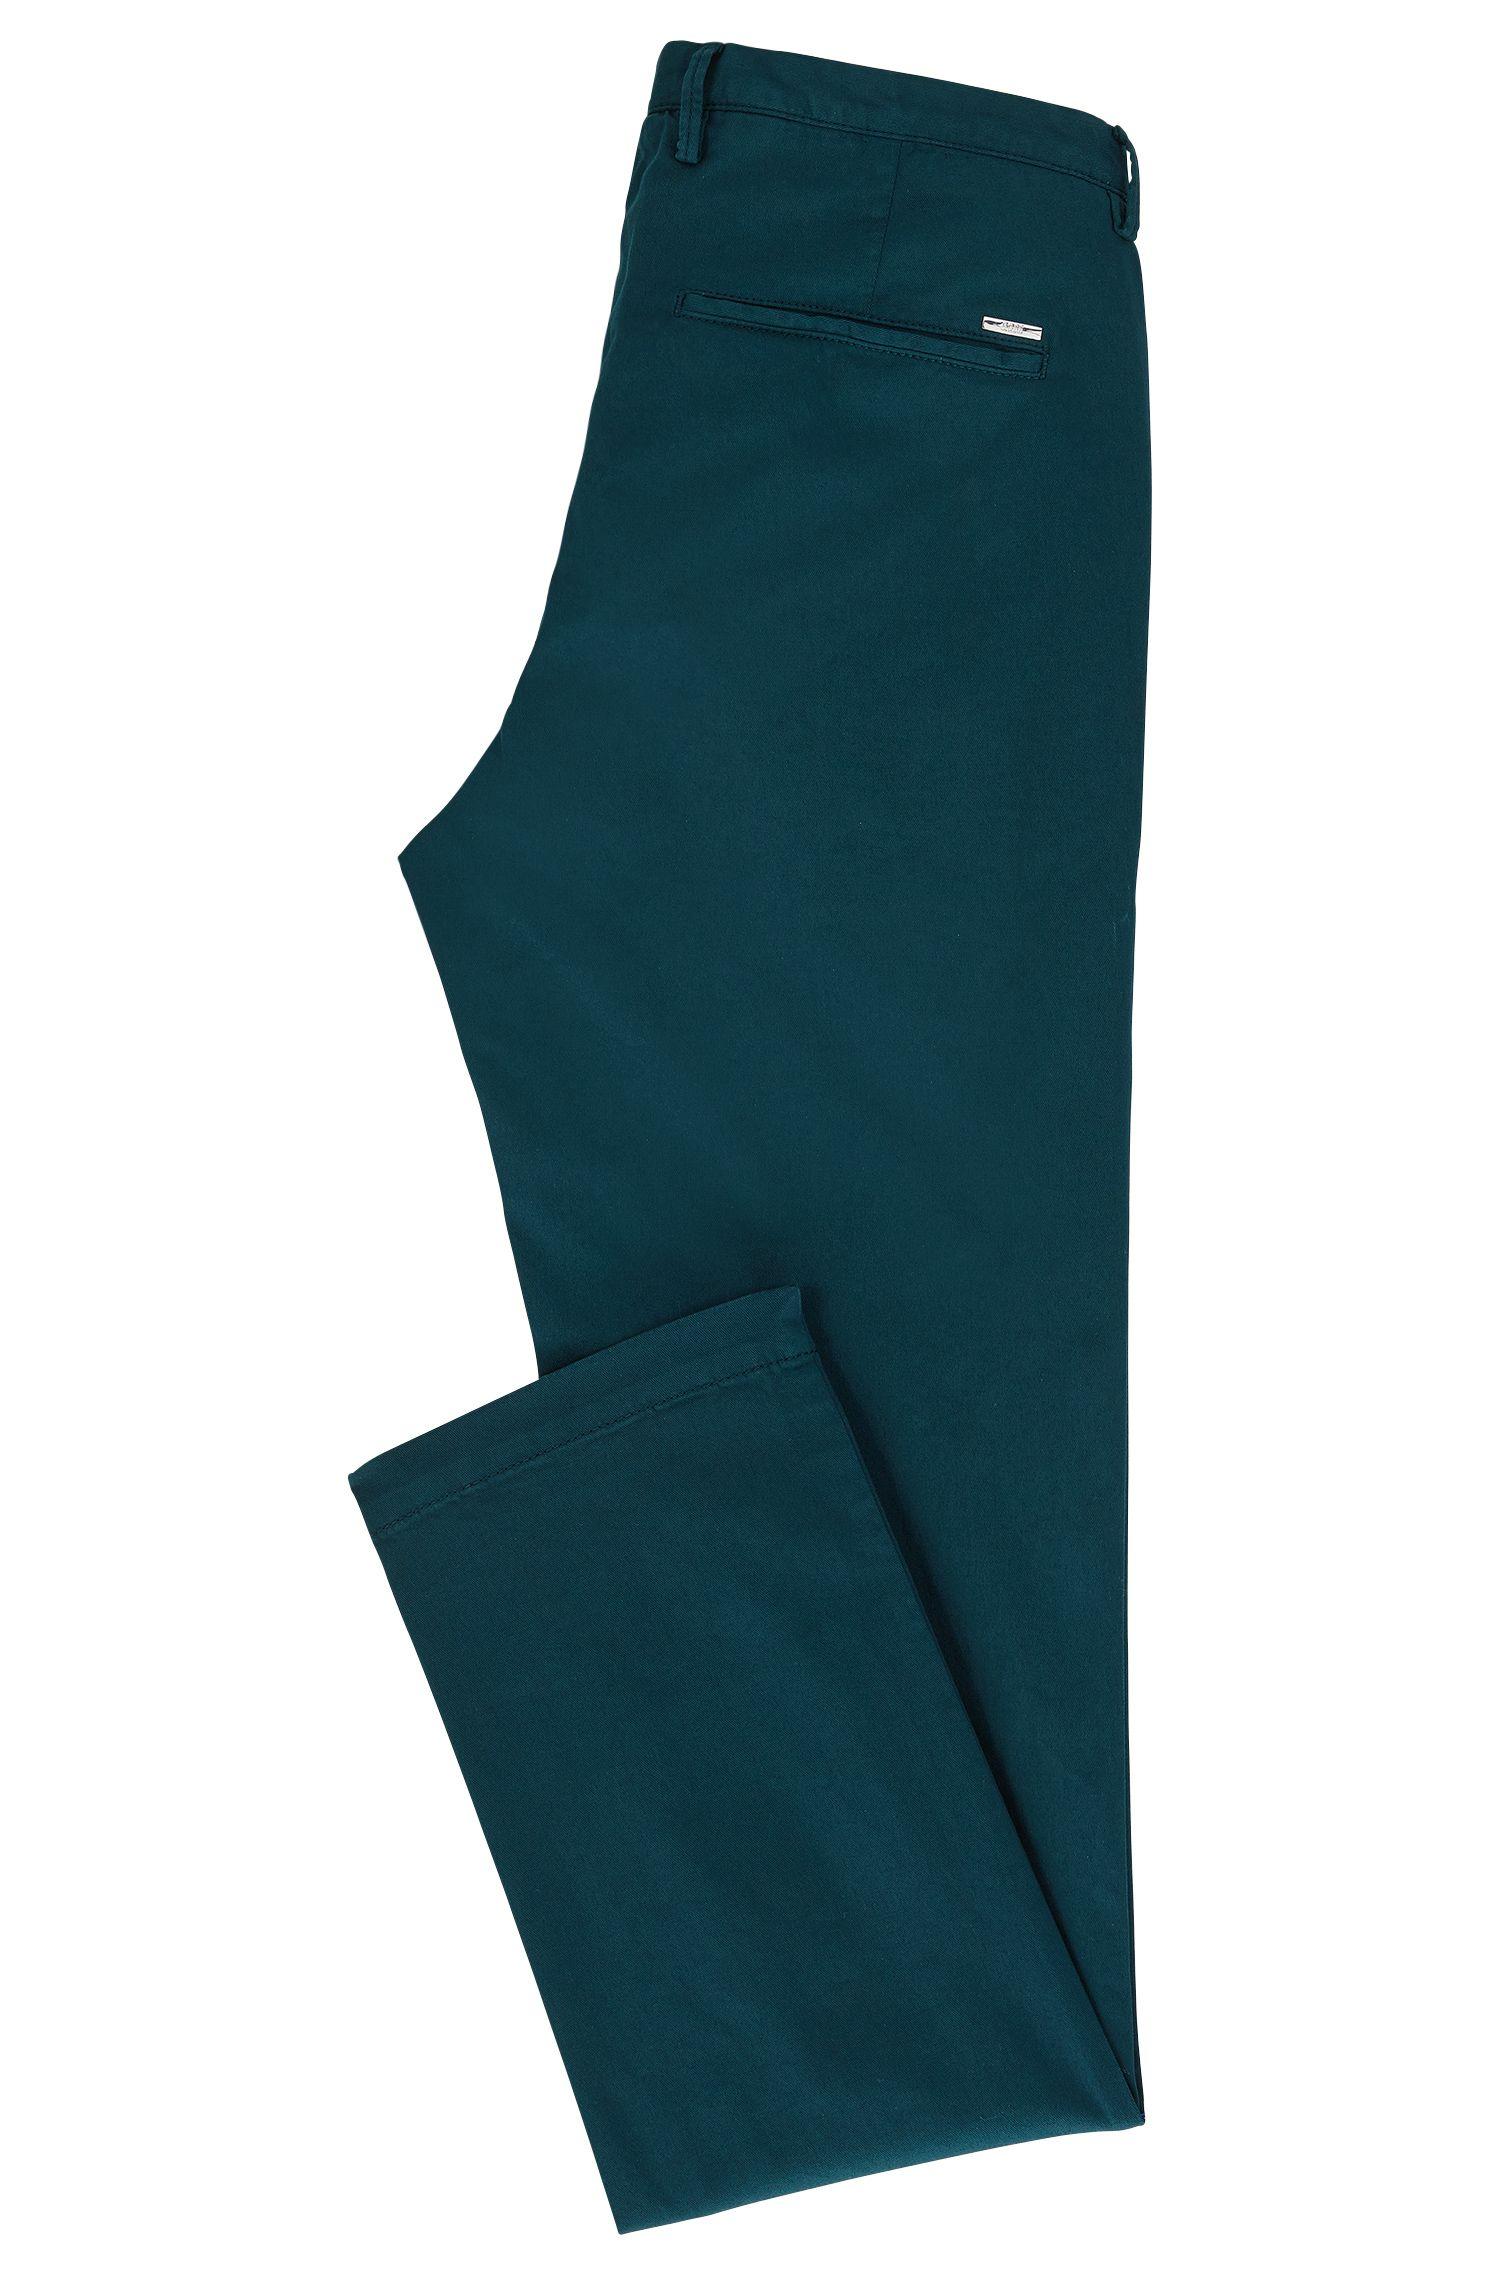 Chino slim fit in gabardine di cotone elasticizzato